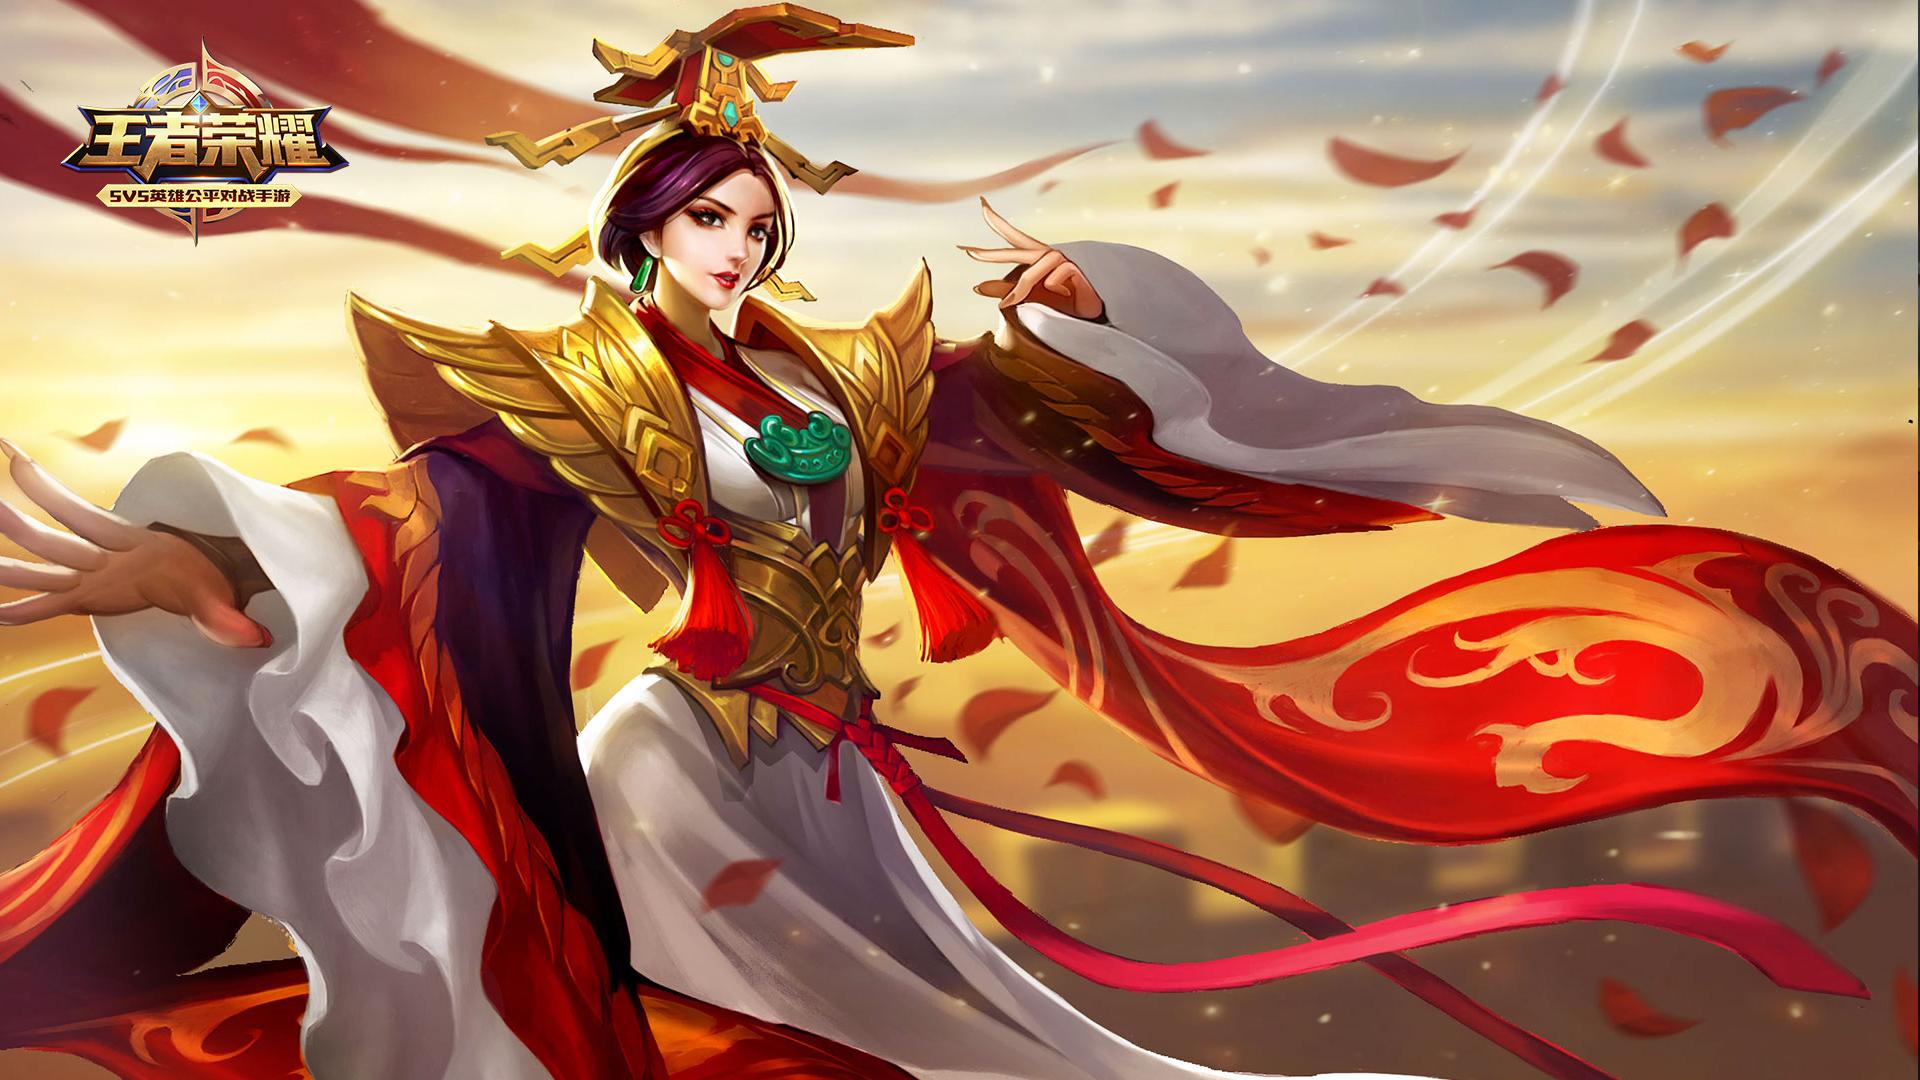 第1弹《王者荣耀英雄皮肤CG》竞技游戏143